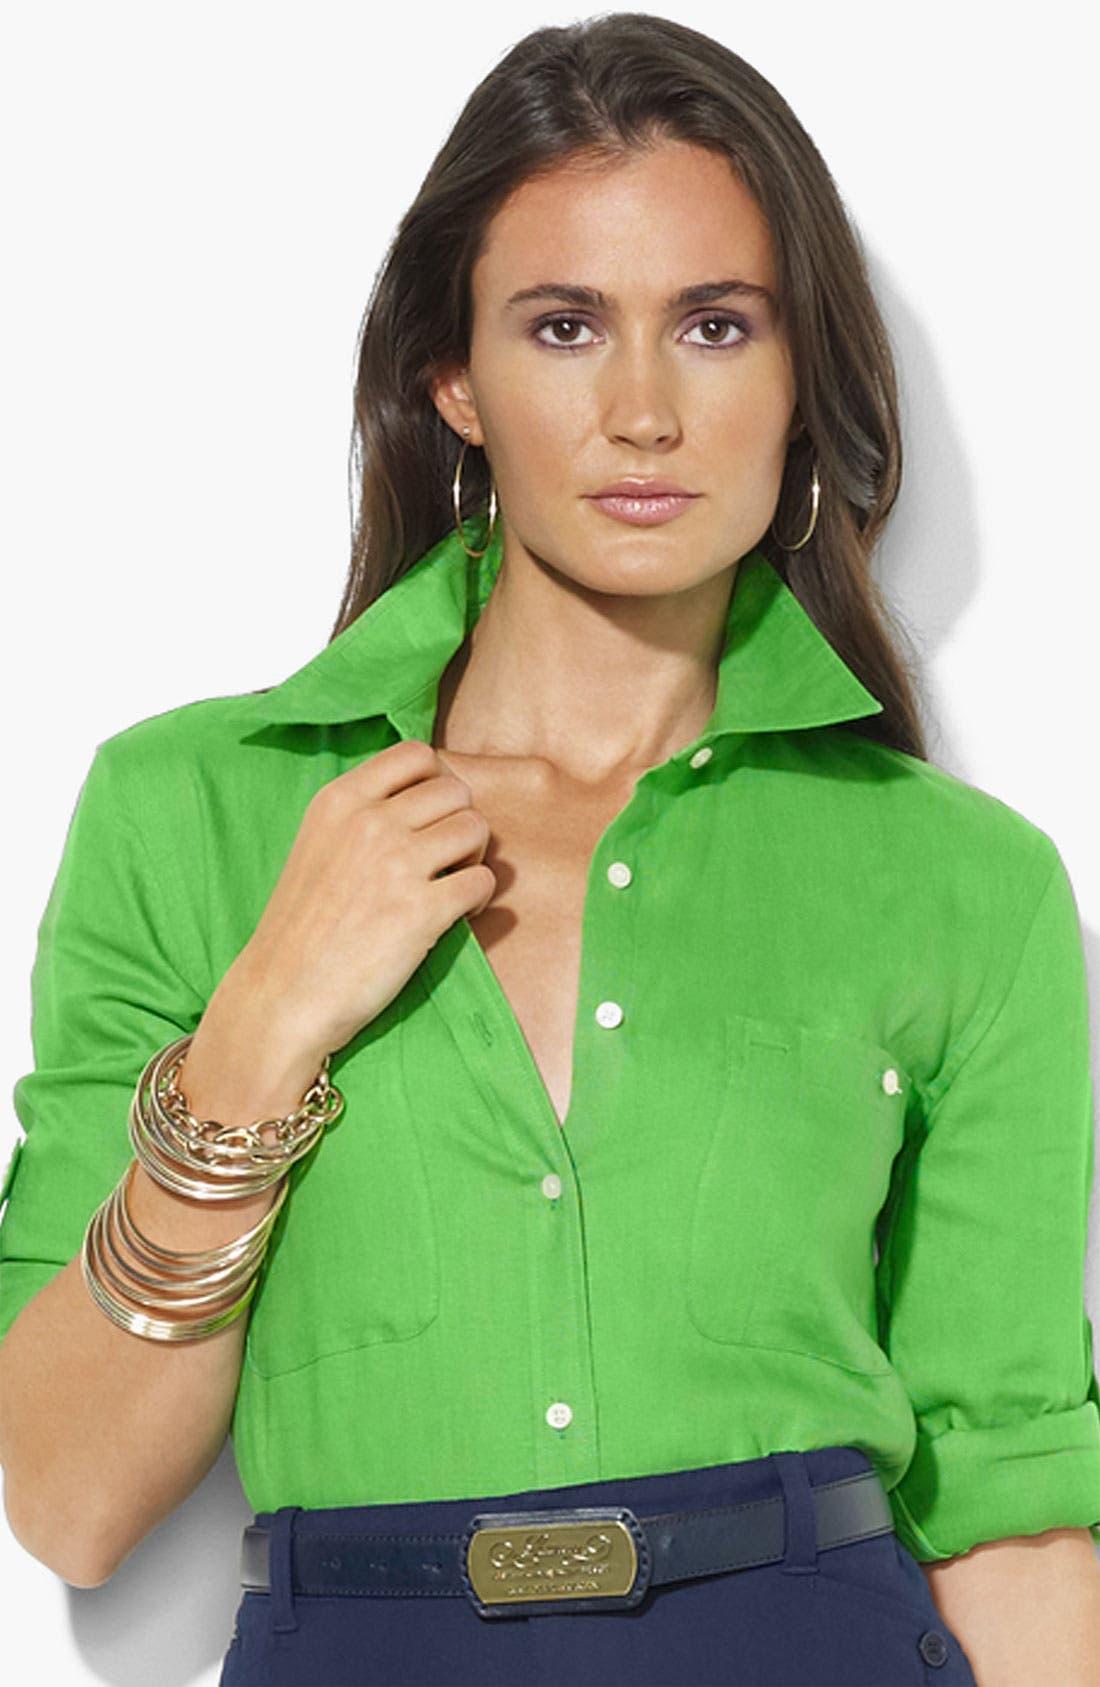 Alternate Image 1 Selected - Lauren Ralph Lauren Linen Work Shirt (Petite) (Online Only)